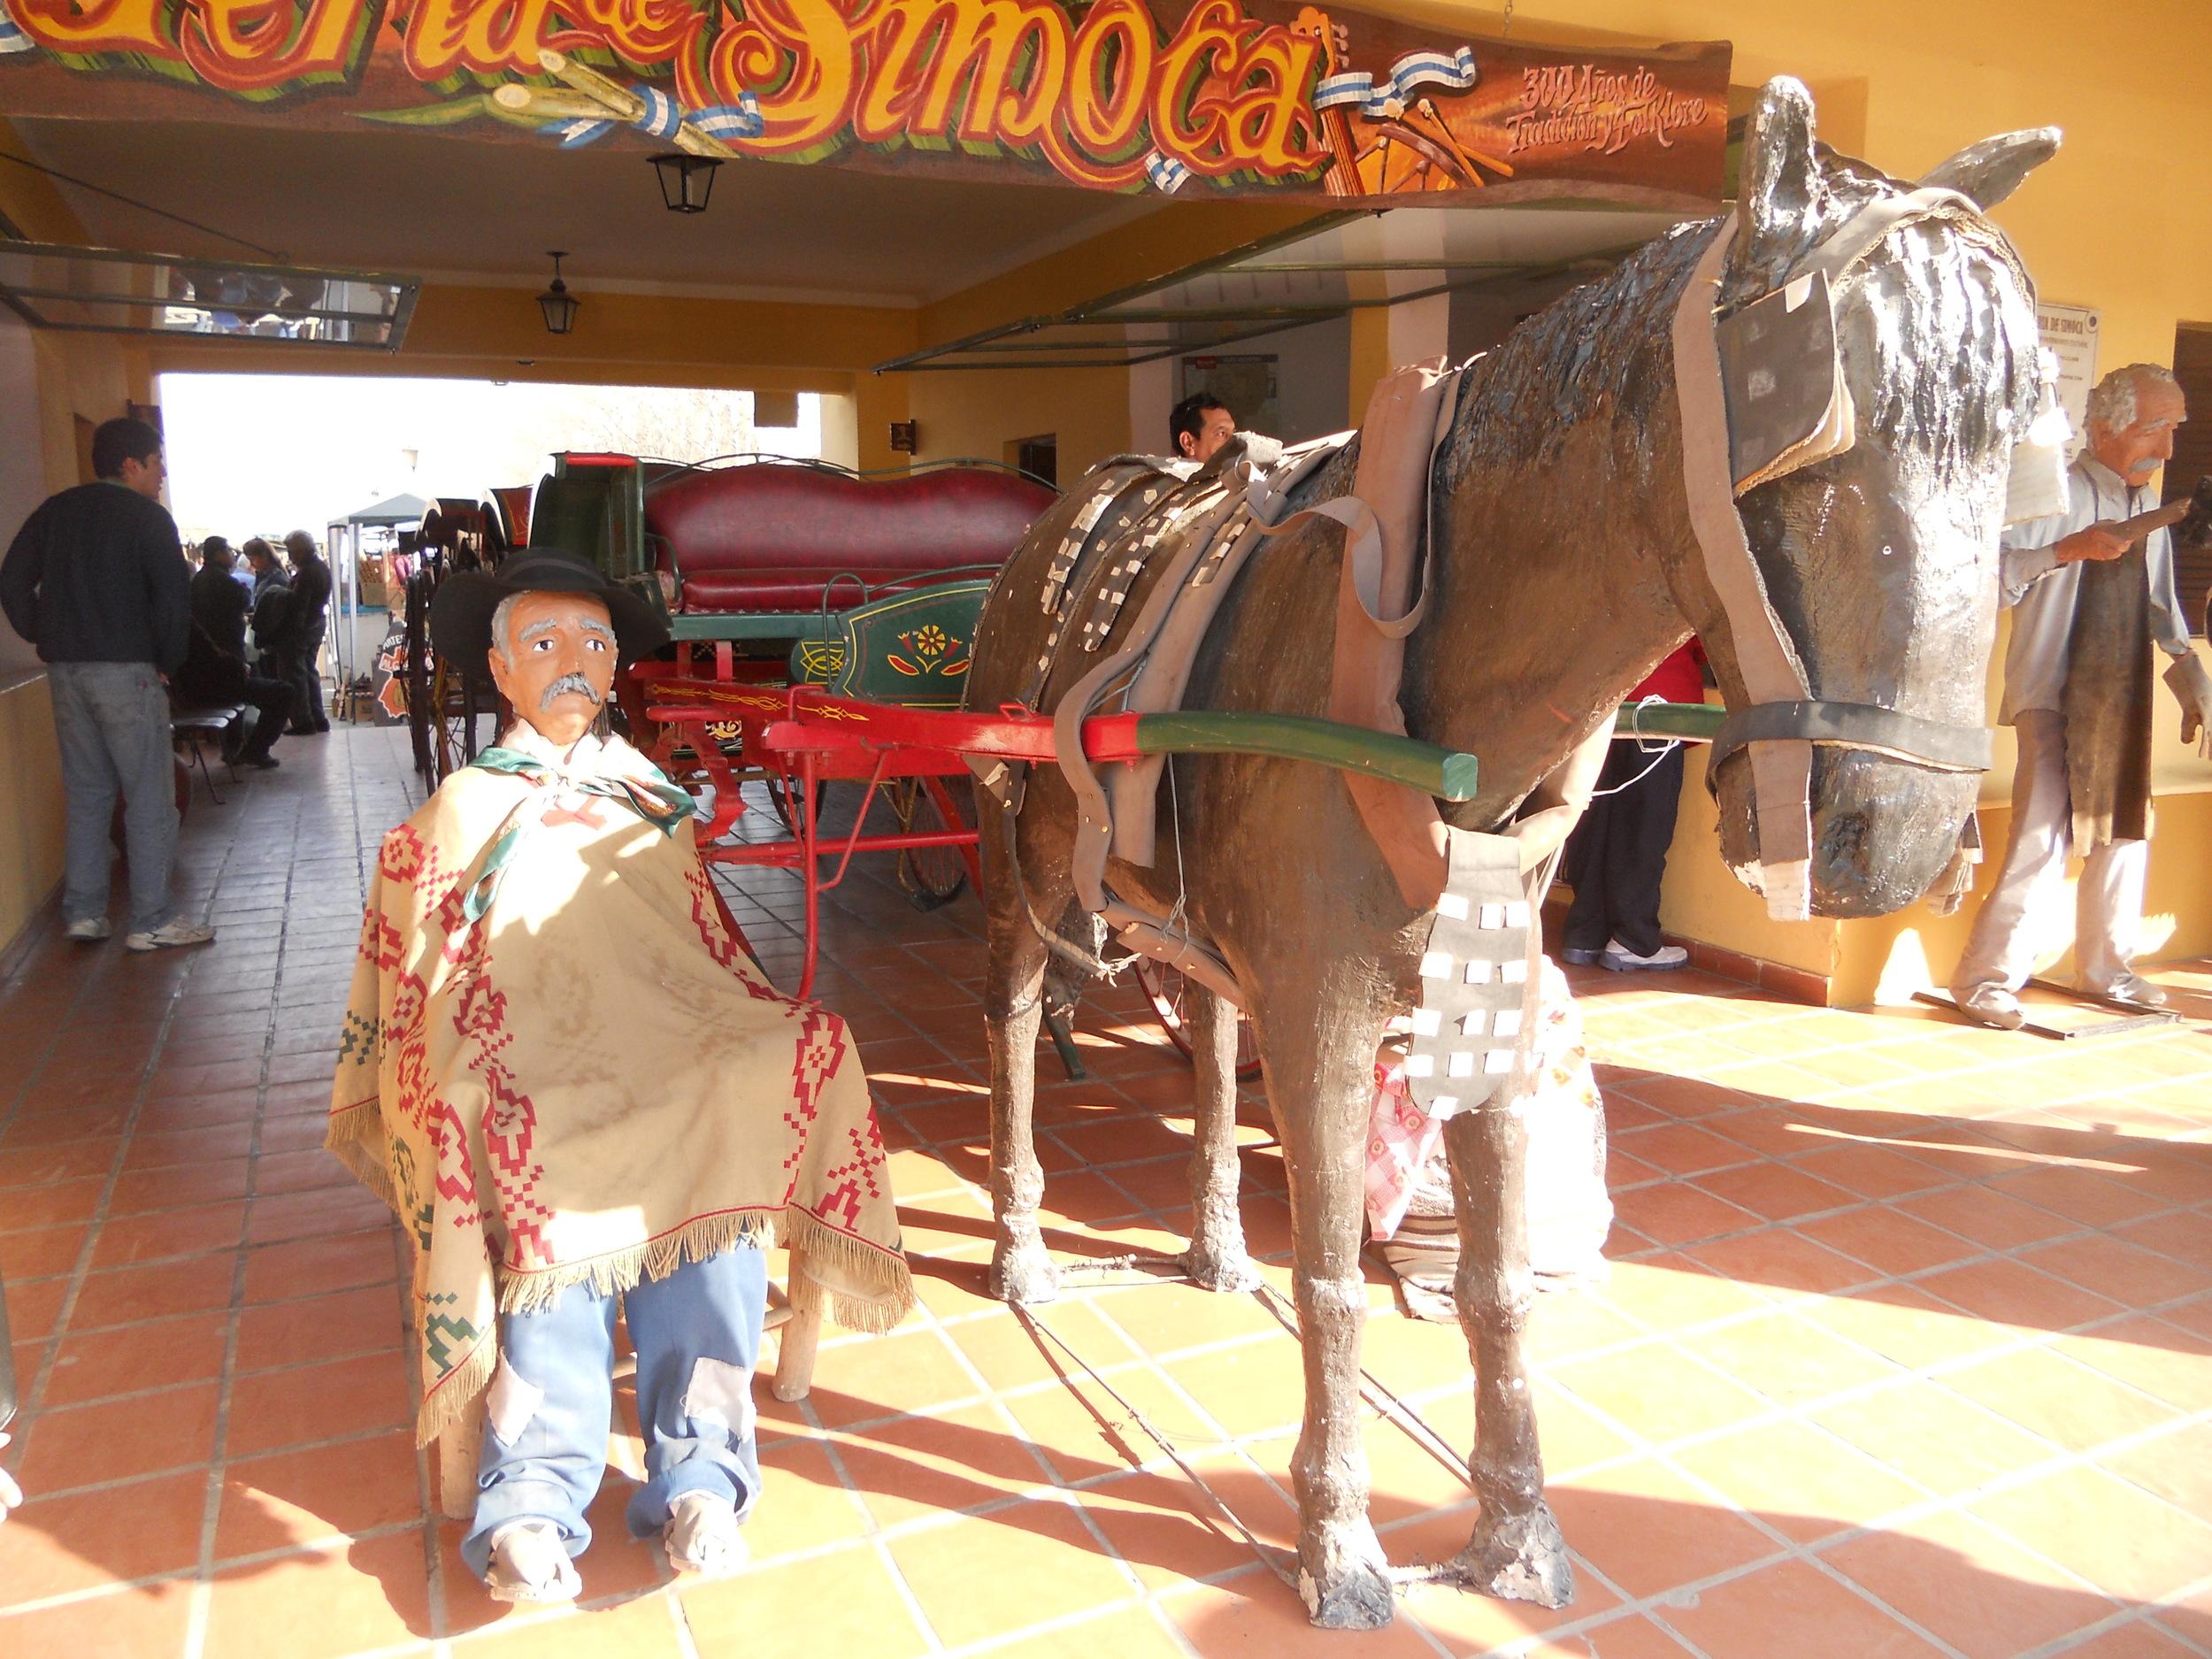 Feria de Simoca